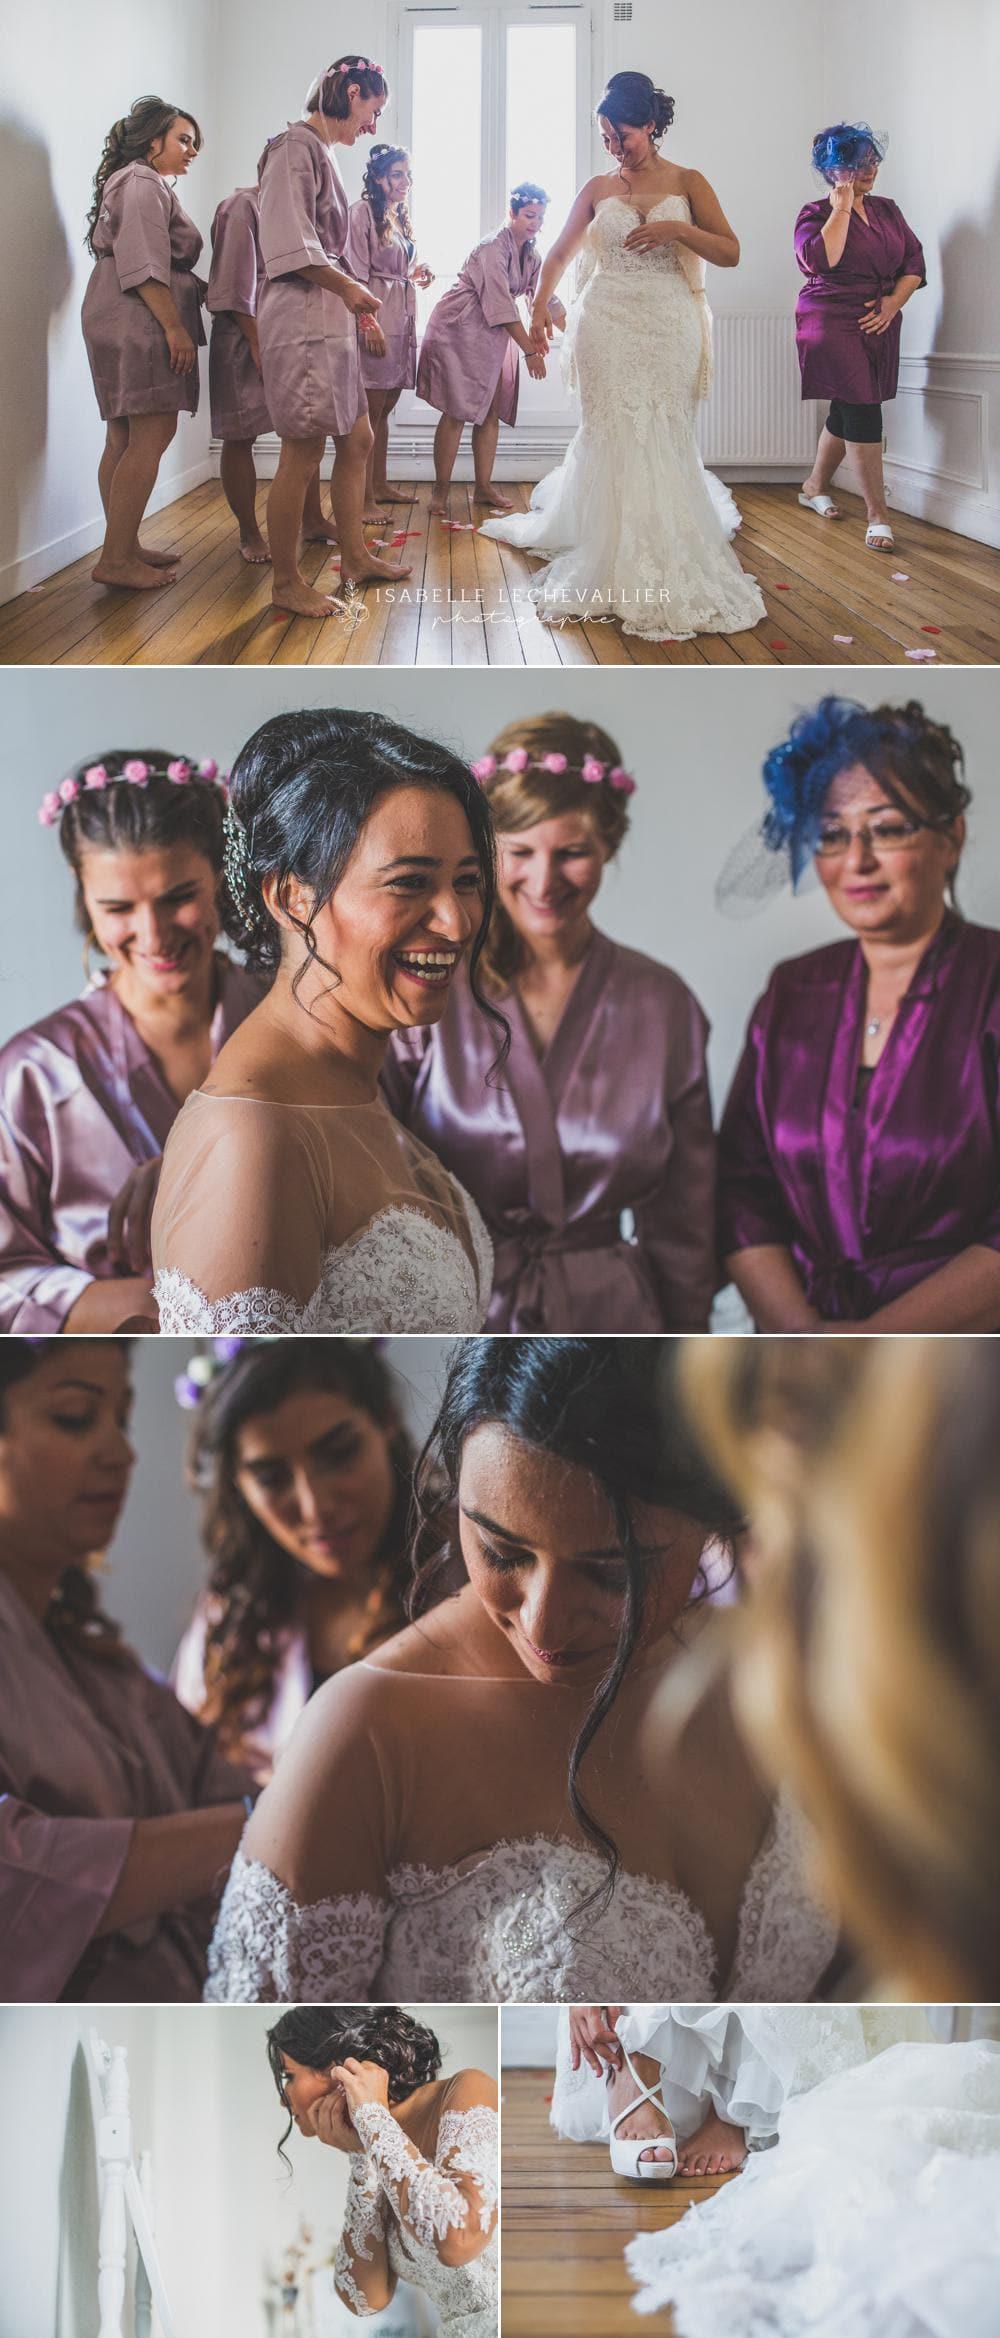 photos des préparatifs d'un mariage arménien